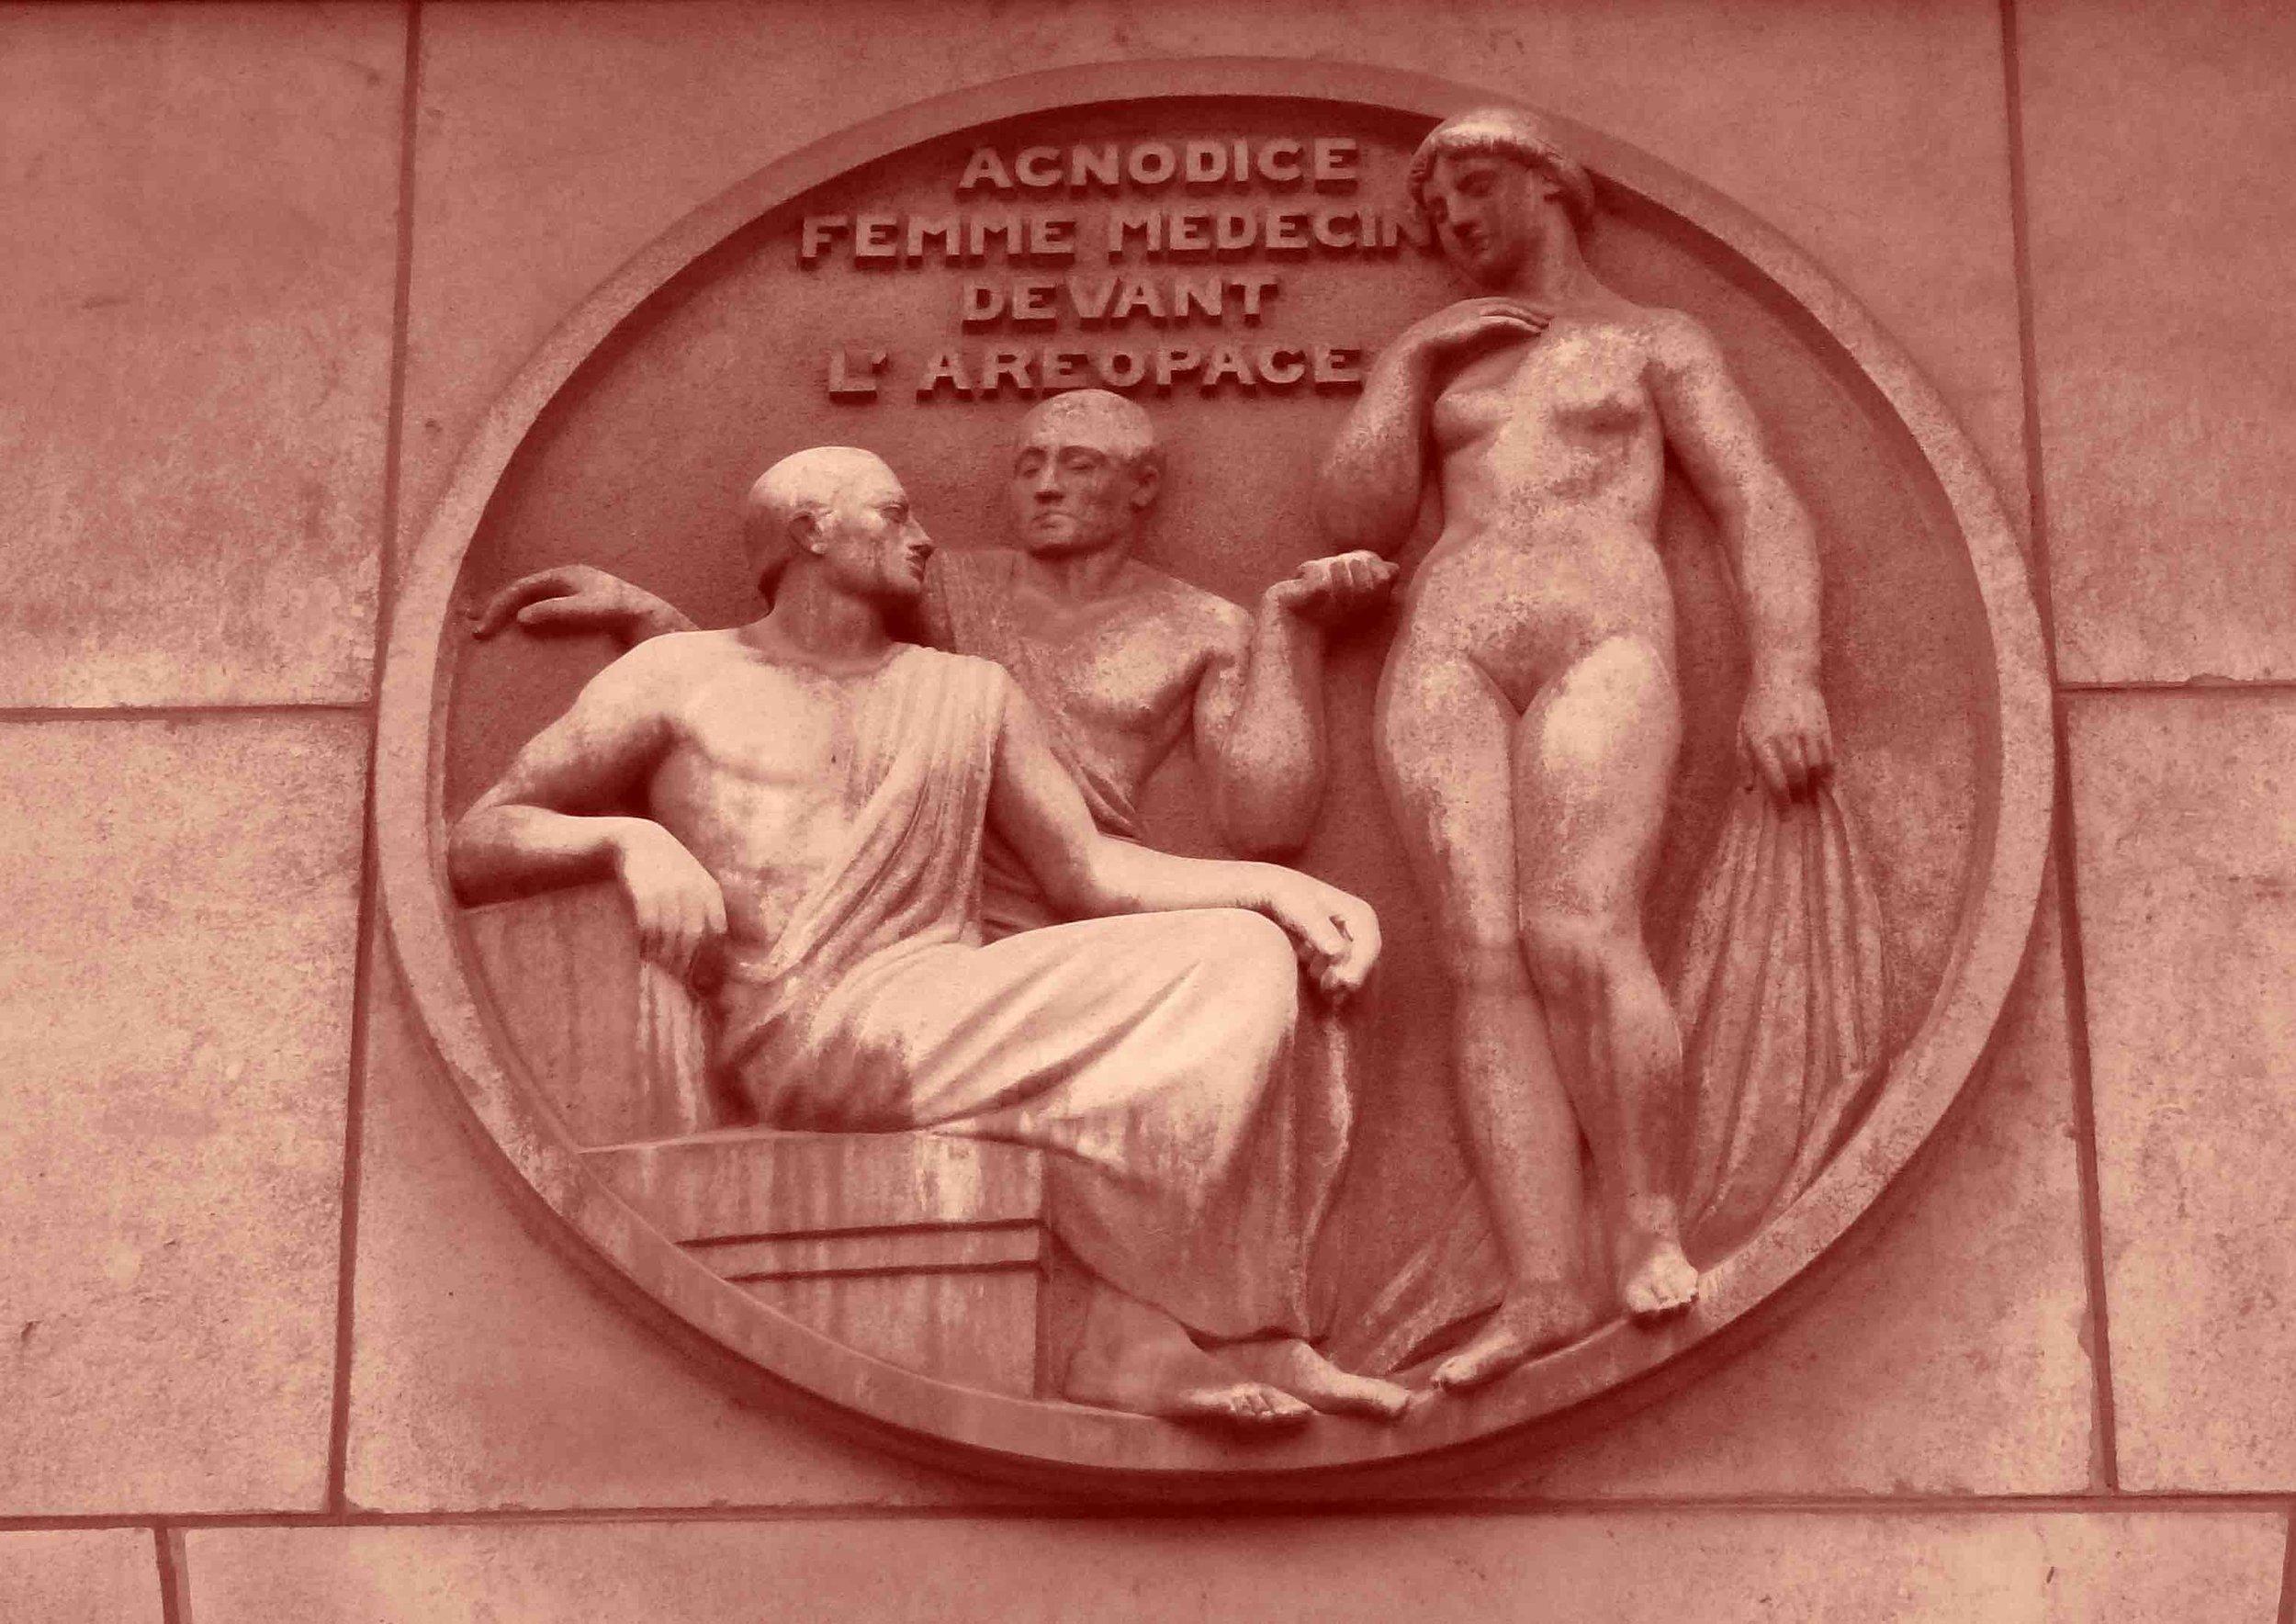 Obligée de se déshabiller devant l'assemblée, la première femme médecin grecque, gynécologue, pratiquait la médecine déguisée en homme.